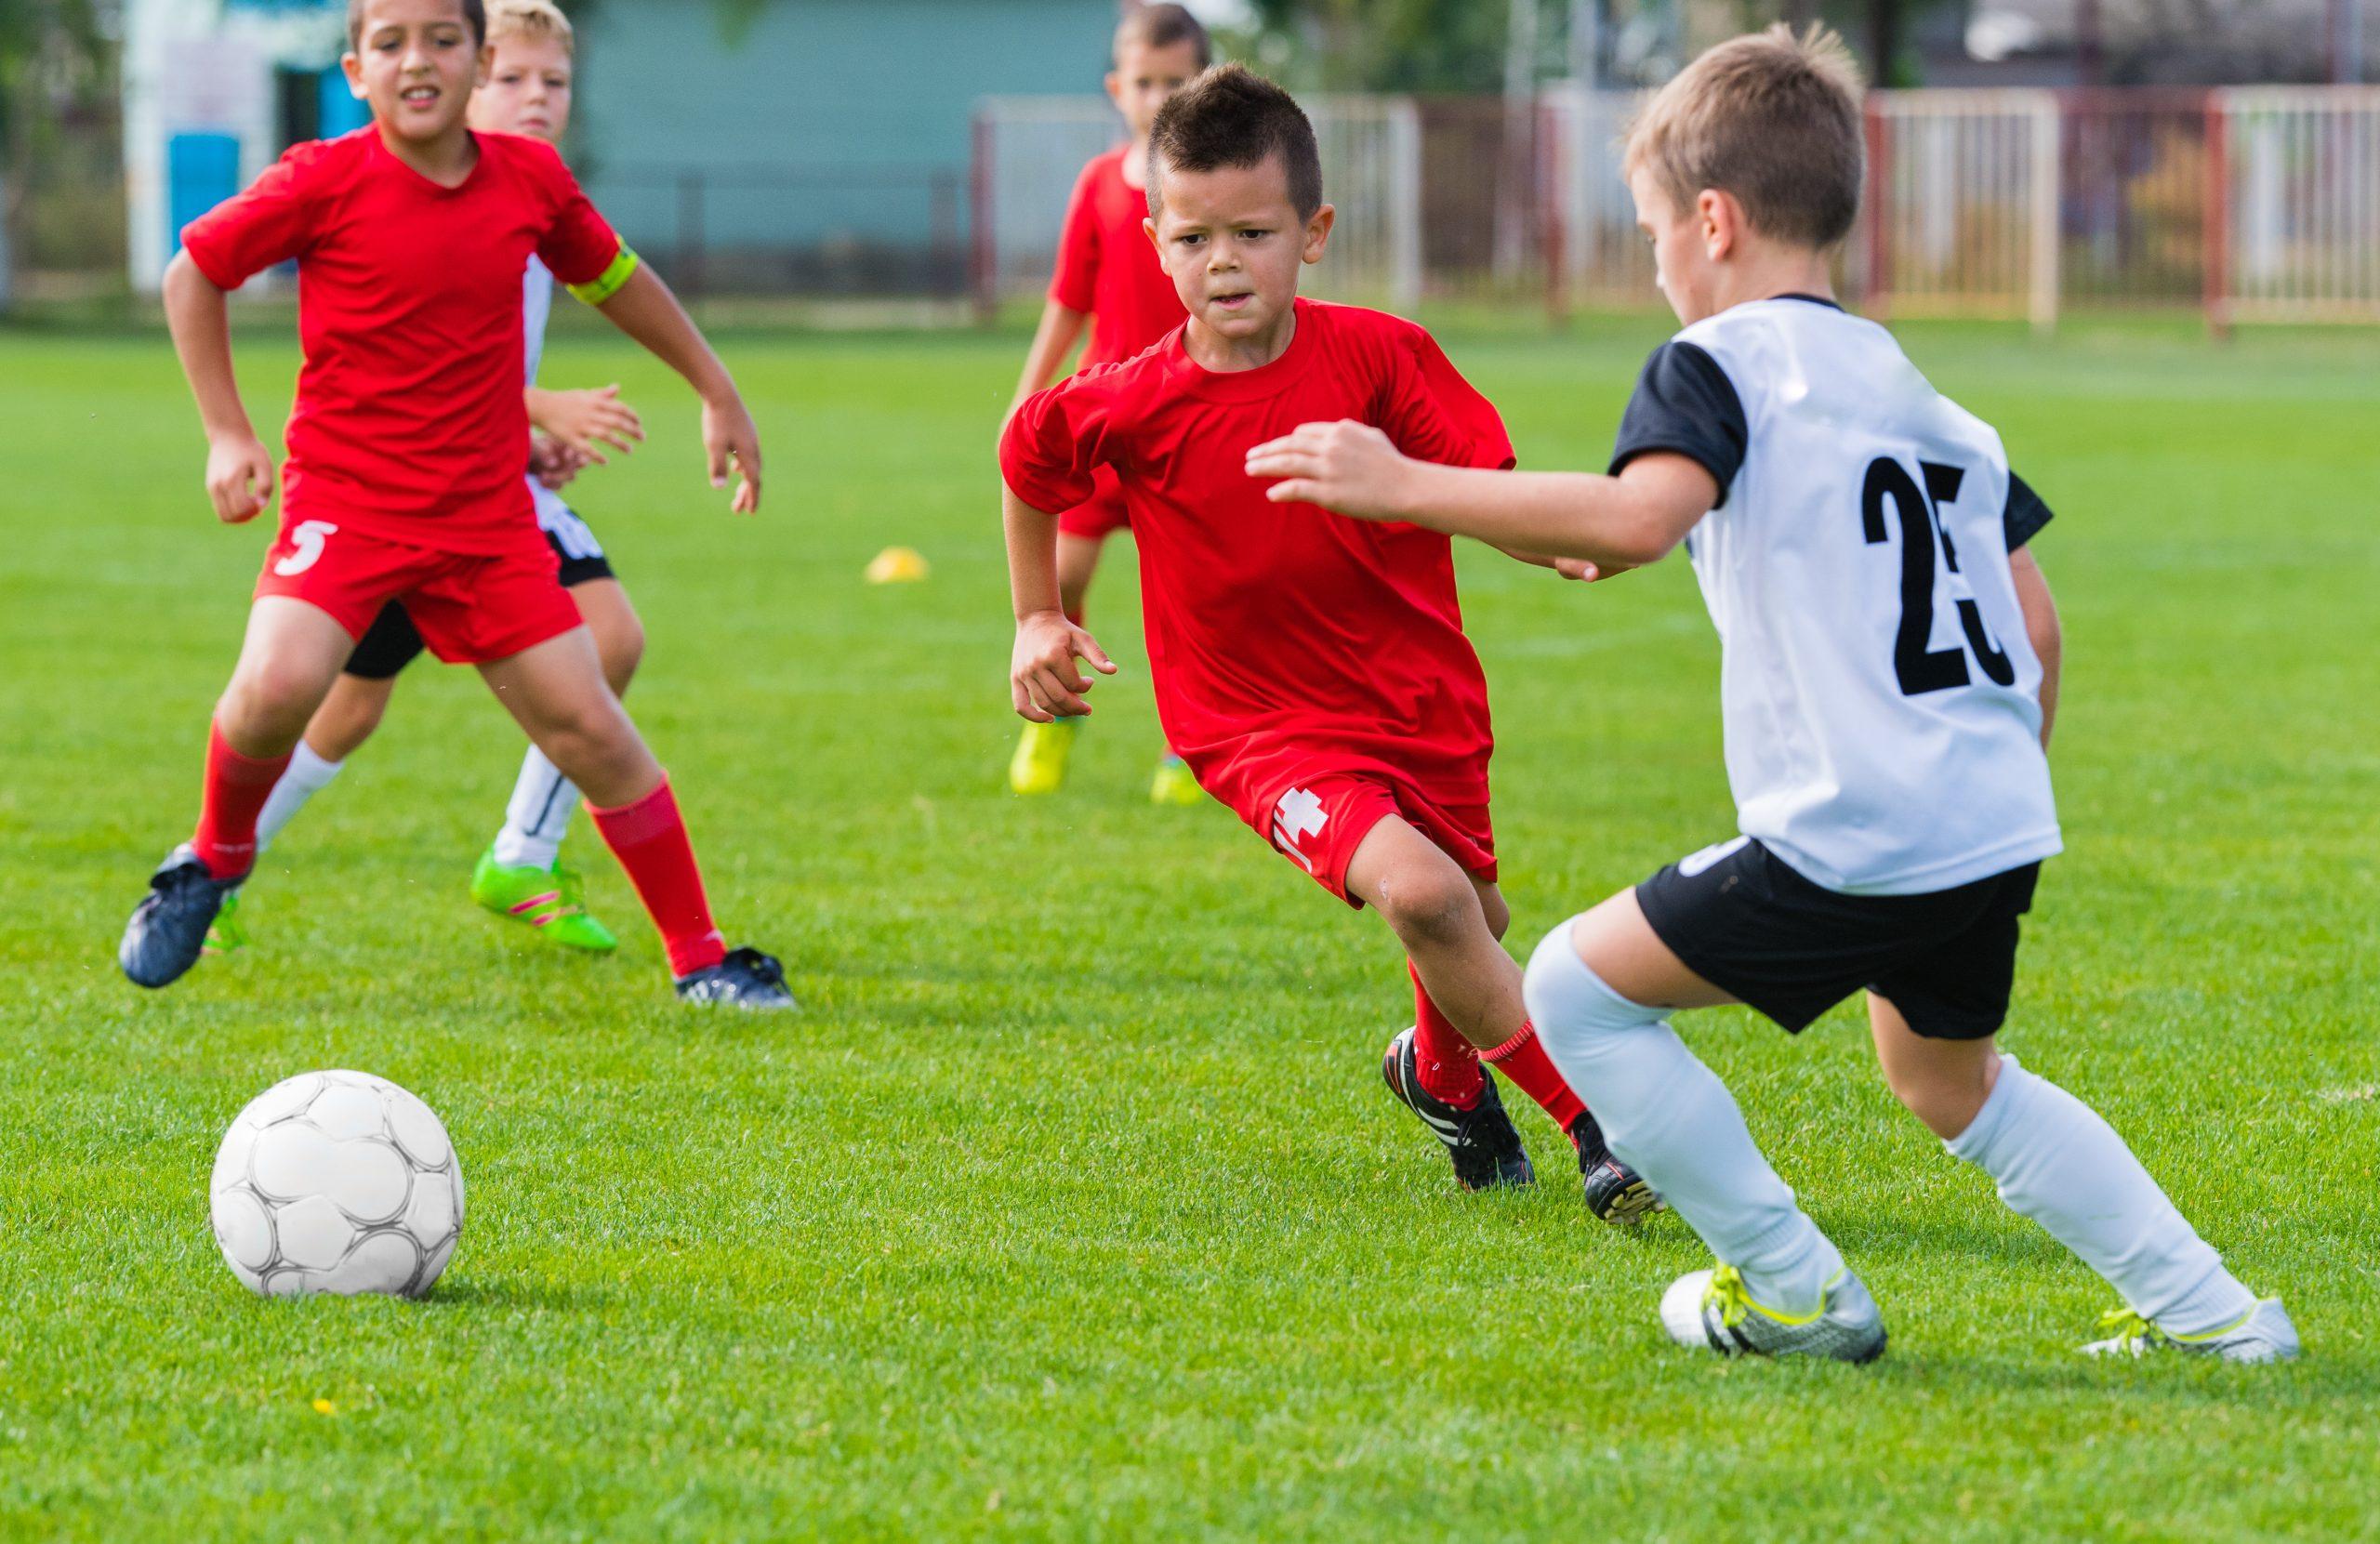 Zapisujesz dziecko na zajęcia sportowe? O tym musisz pamiętać!